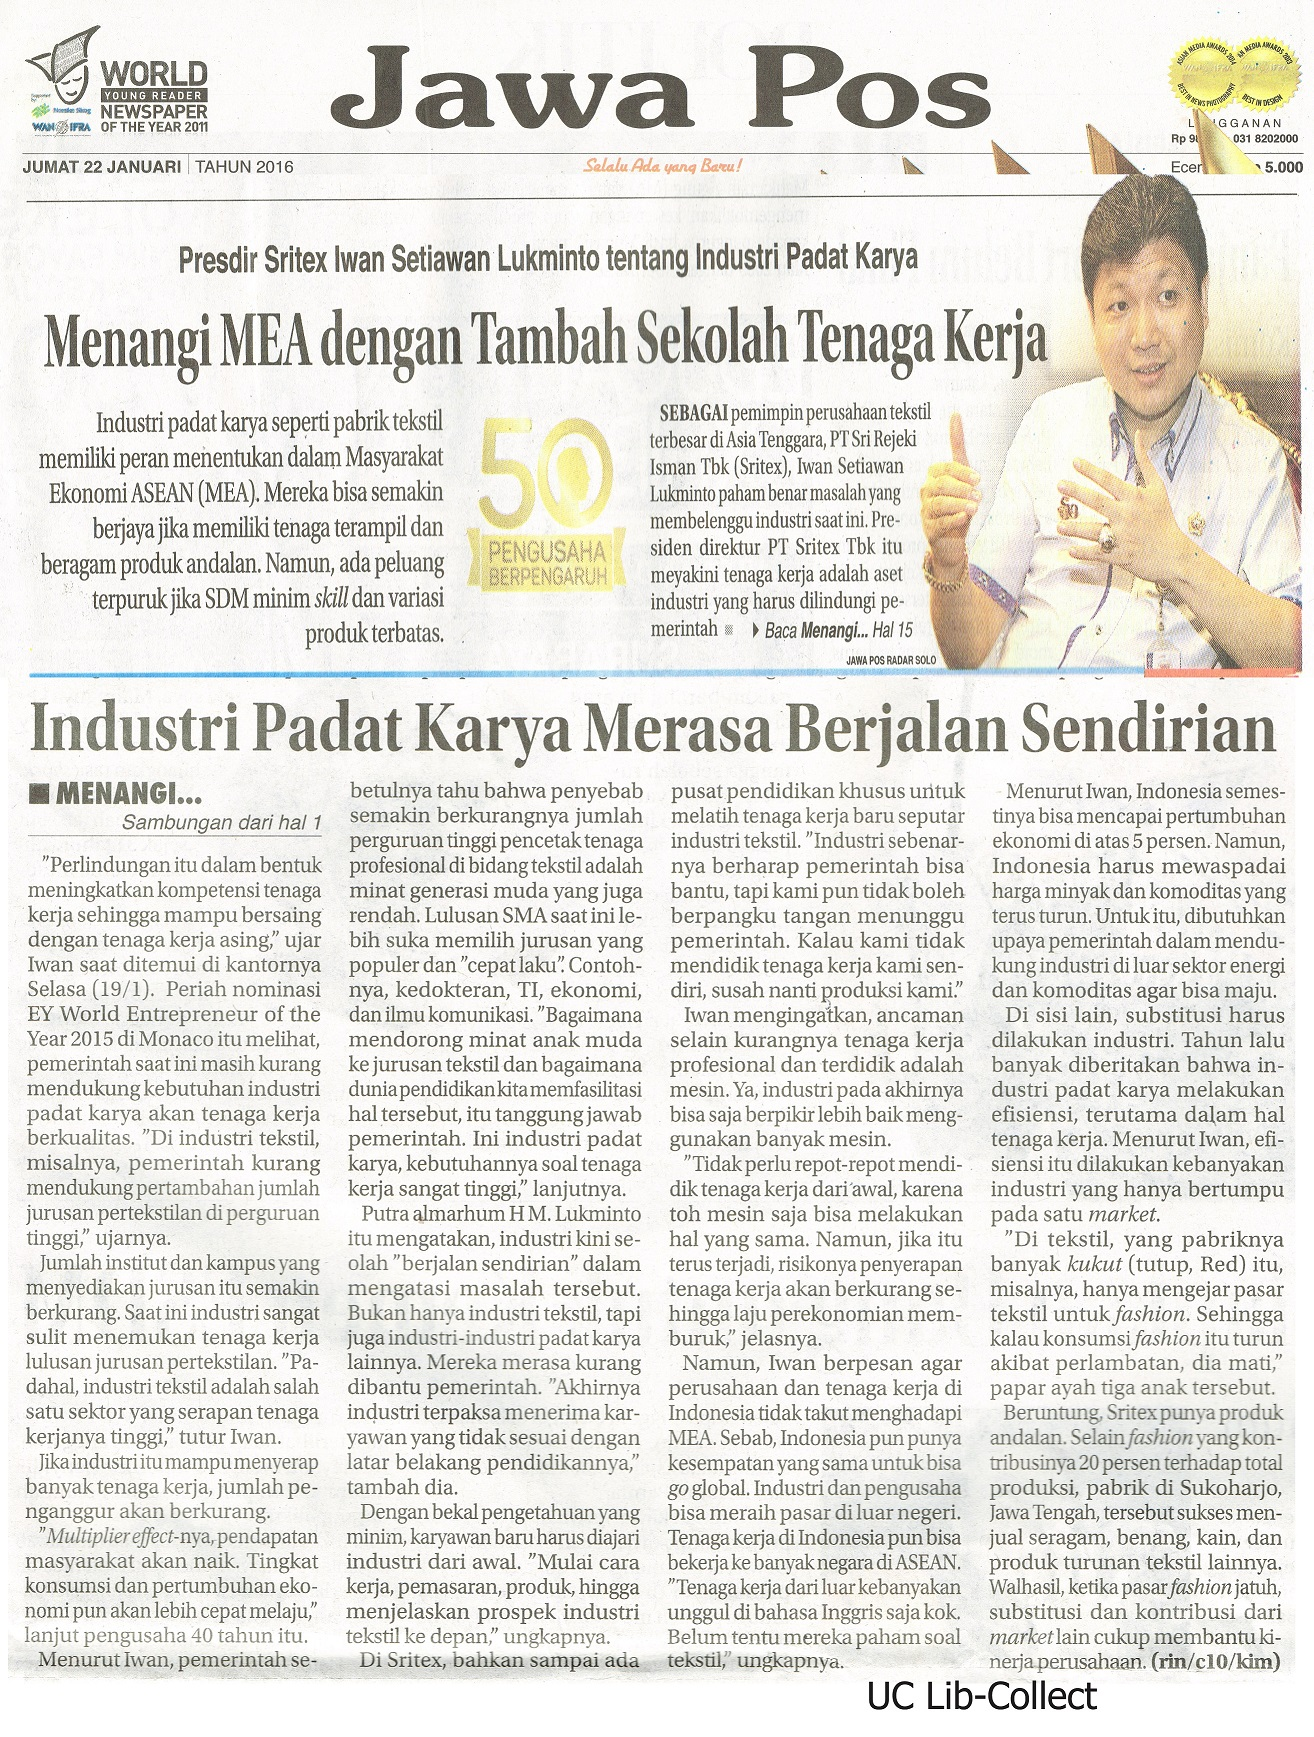 22 Januari 2016. Presdir Sritex Iwan Setiawan Lukminto tentang Industri Padat Karya_Menangi MEA dengan Tambahan Sekolah Tenaga Kerja. Jawa Pos